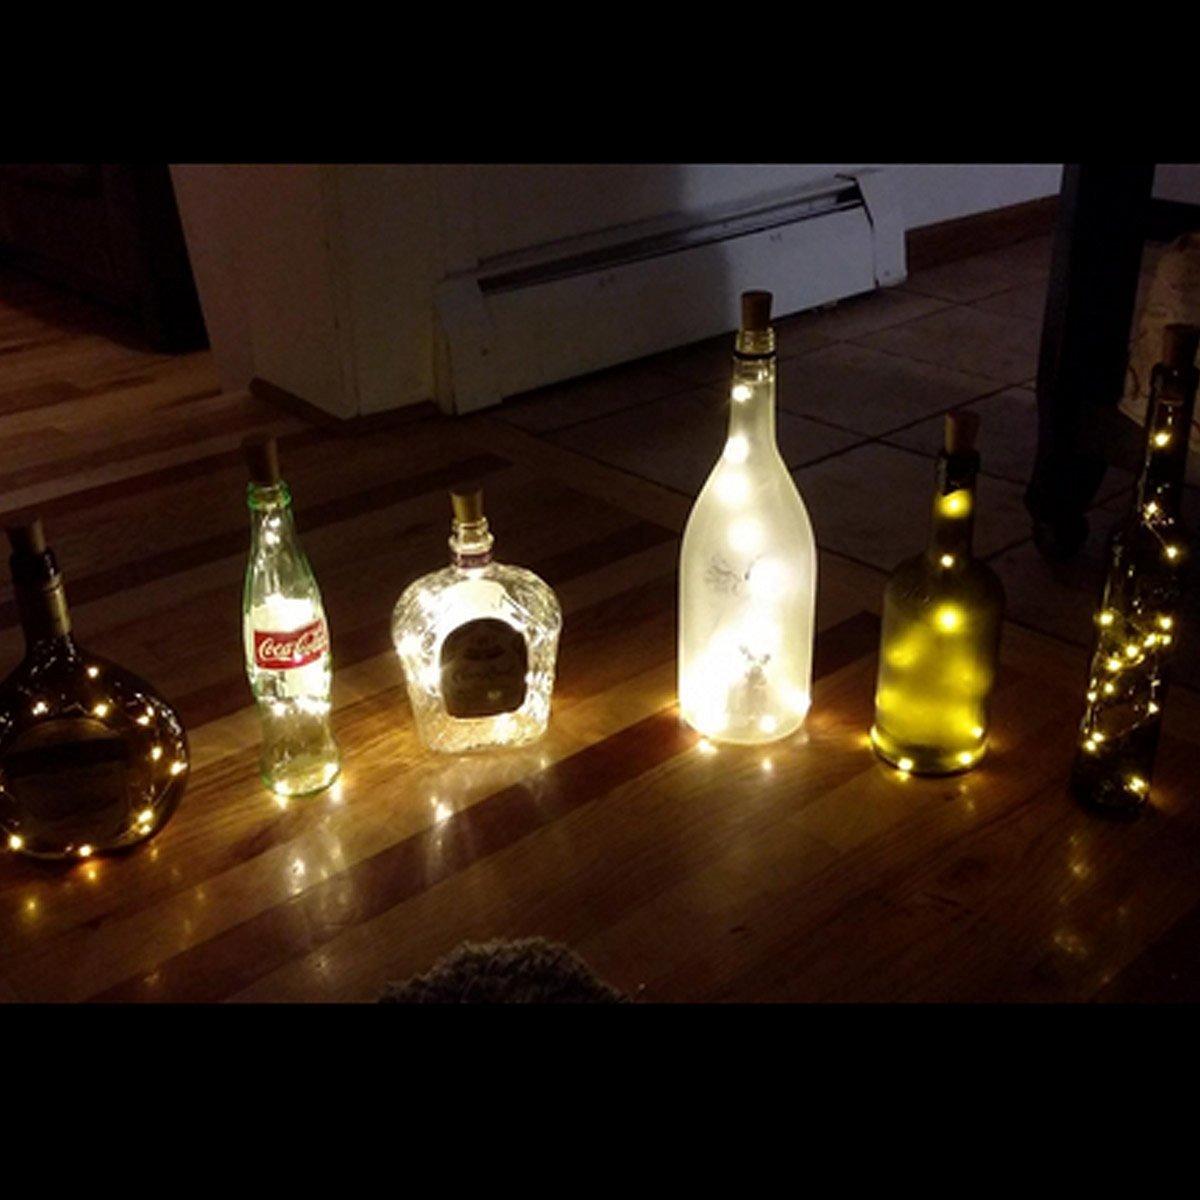 Lights For Wine Bottles Amazoncom Cosoon Set Of 6 Wine Bottle Cork Lights Copper String